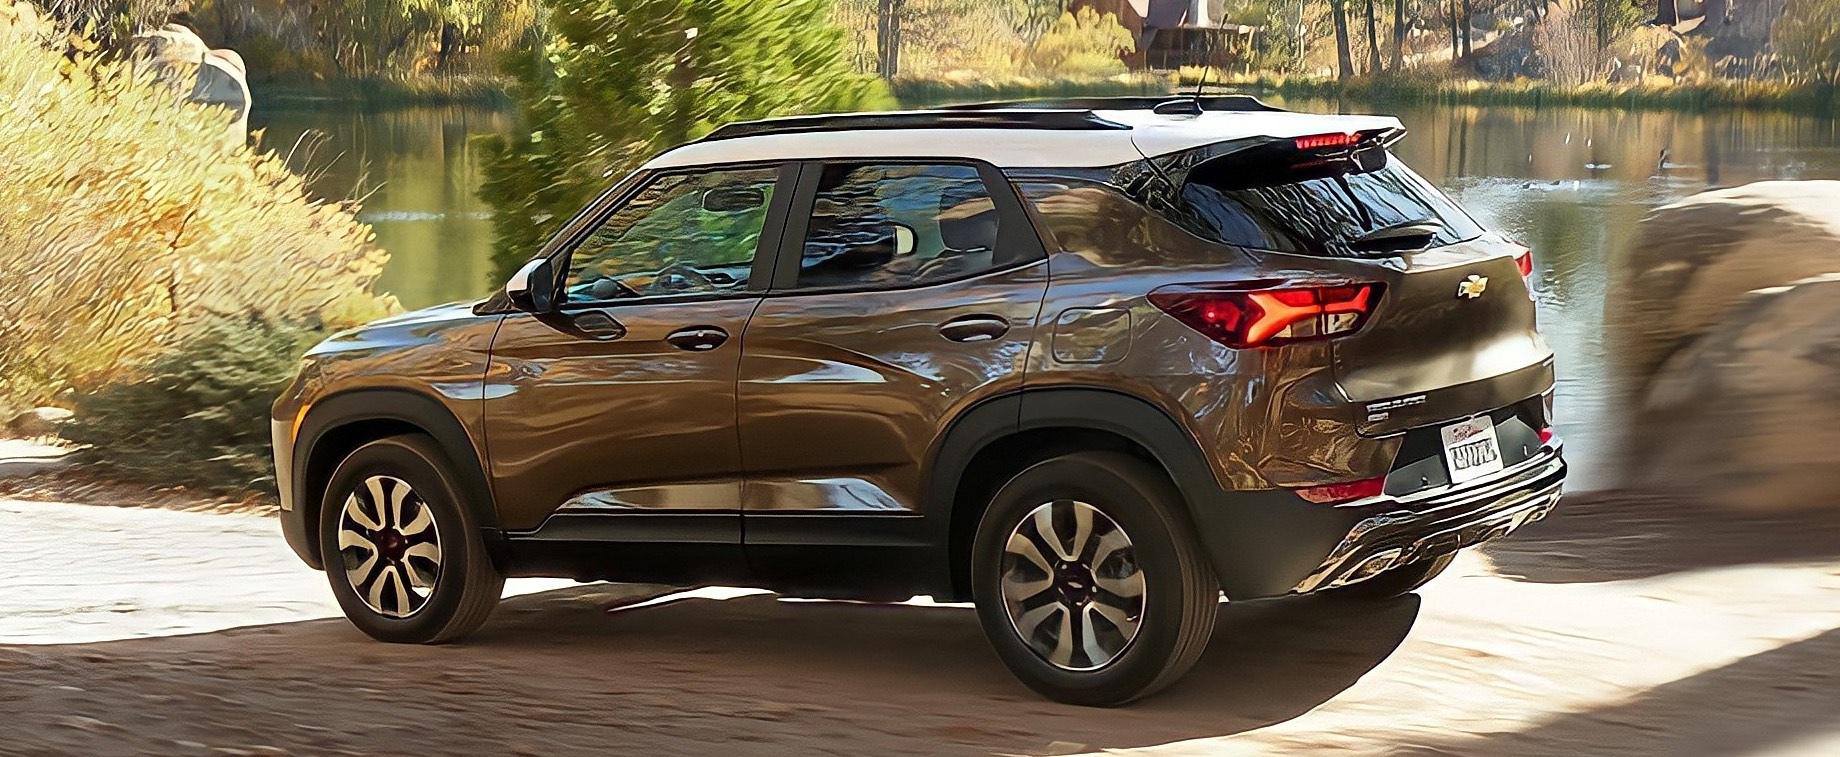 Продажи Chevrolet Trailblazer начнутся уже осенью